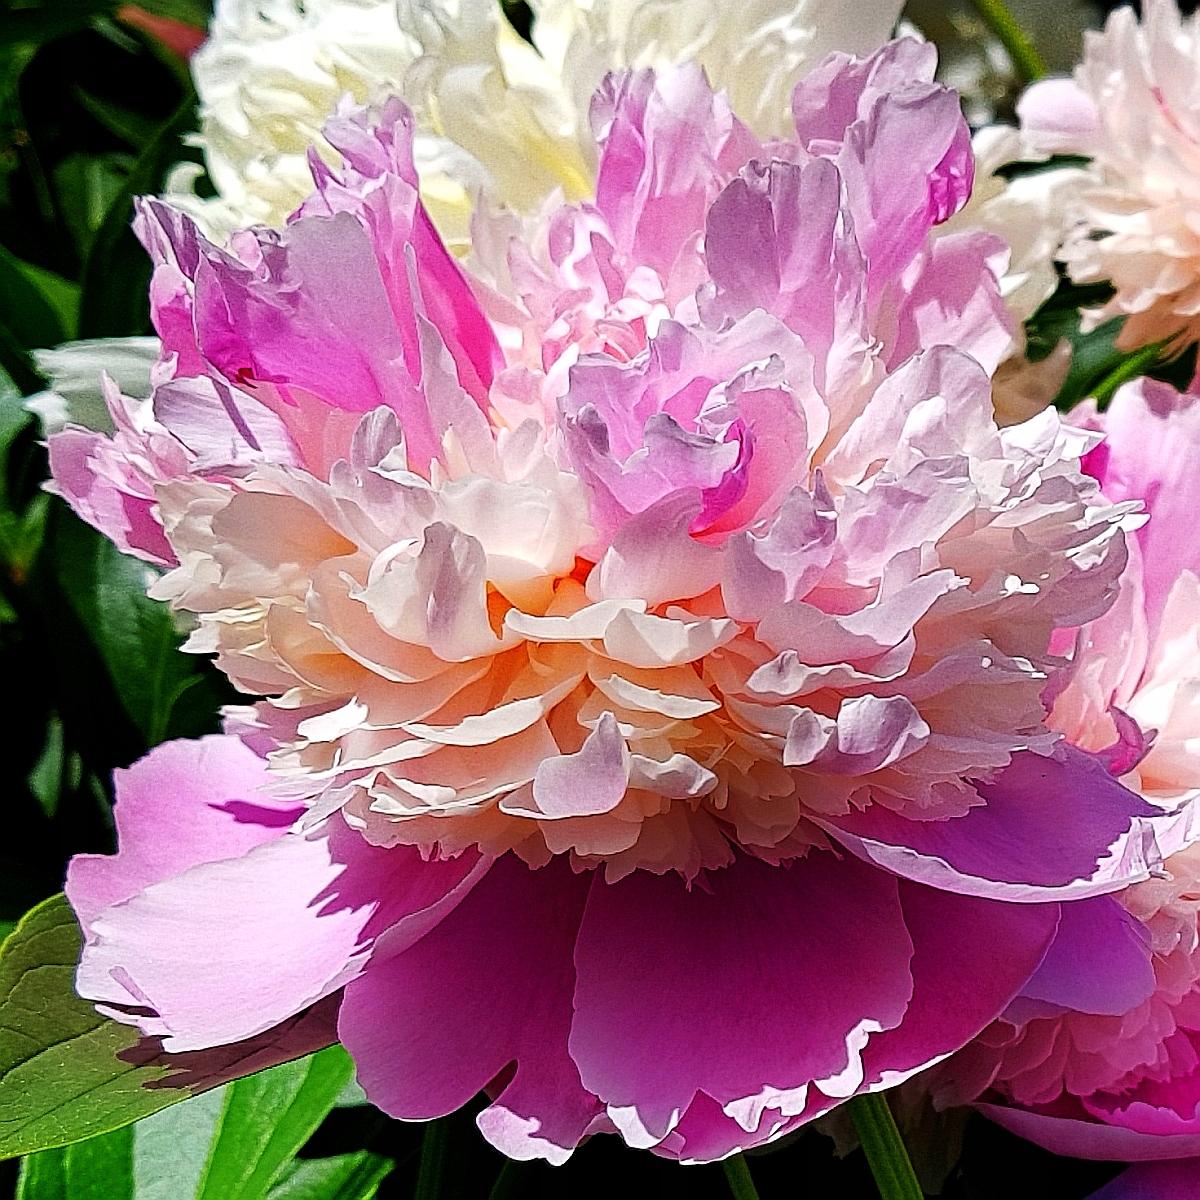 Описание травянистого молочноцветкового пиона сорта корал сансет